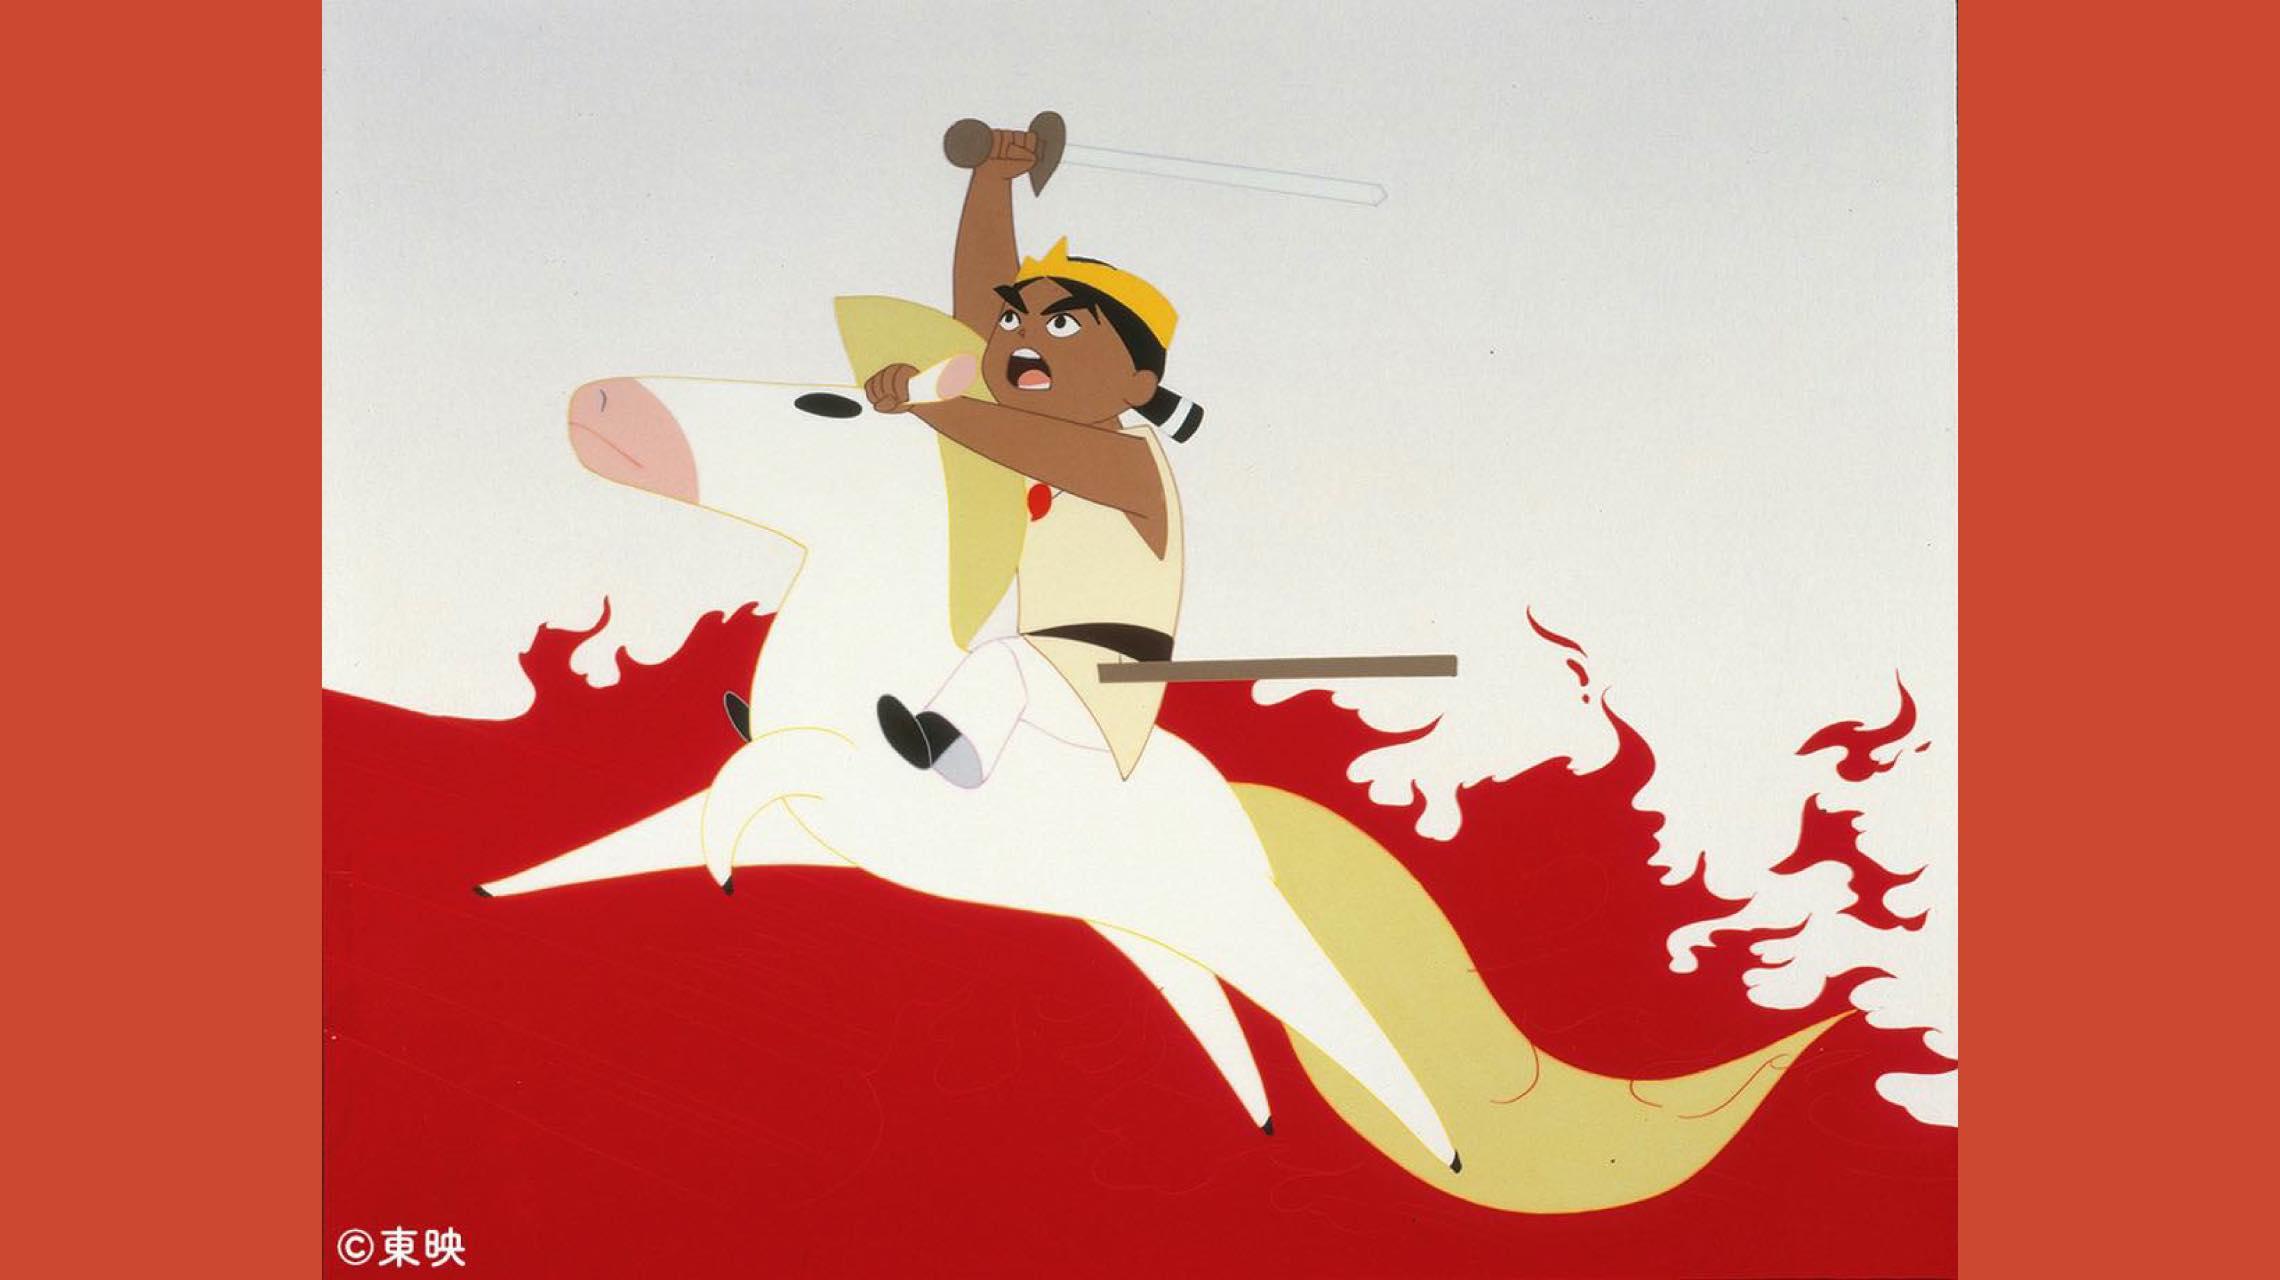 アニメ映画史を代表する、東映の名作をスクリーンで。「東映動画まつり」がユジク阿佐ヶ谷で開催